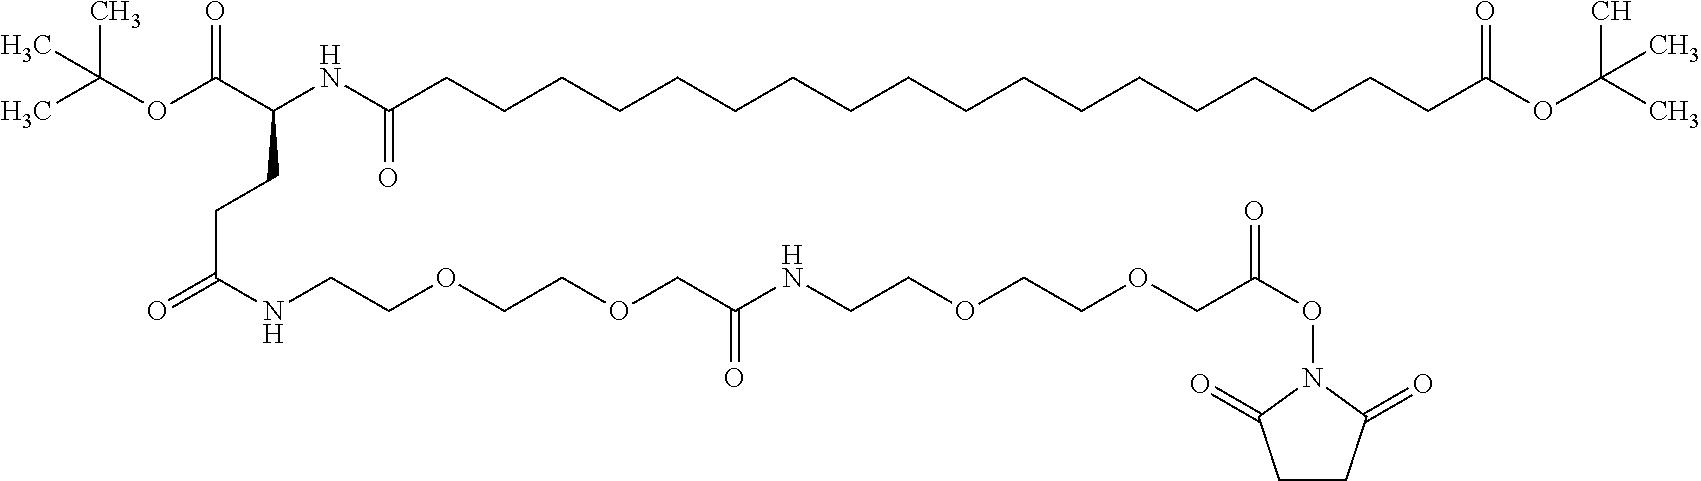 Figure US09896496-20180220-C00007